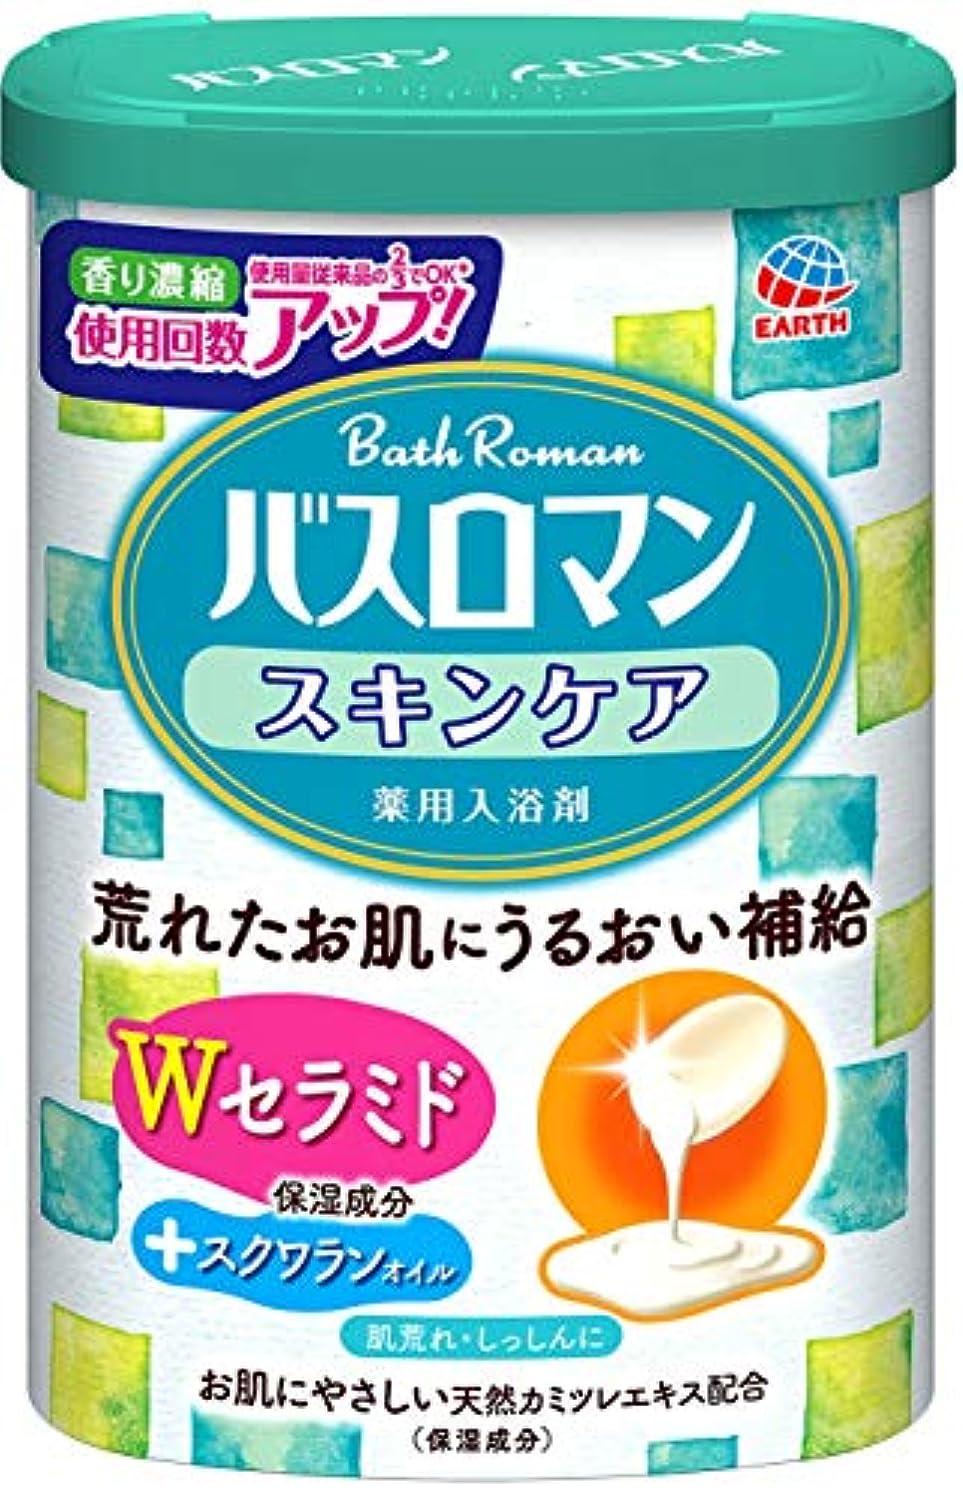 上鉛筆不正【医薬部外品】バスロマン 入浴剤 スキンケア Wセラミド [600g]